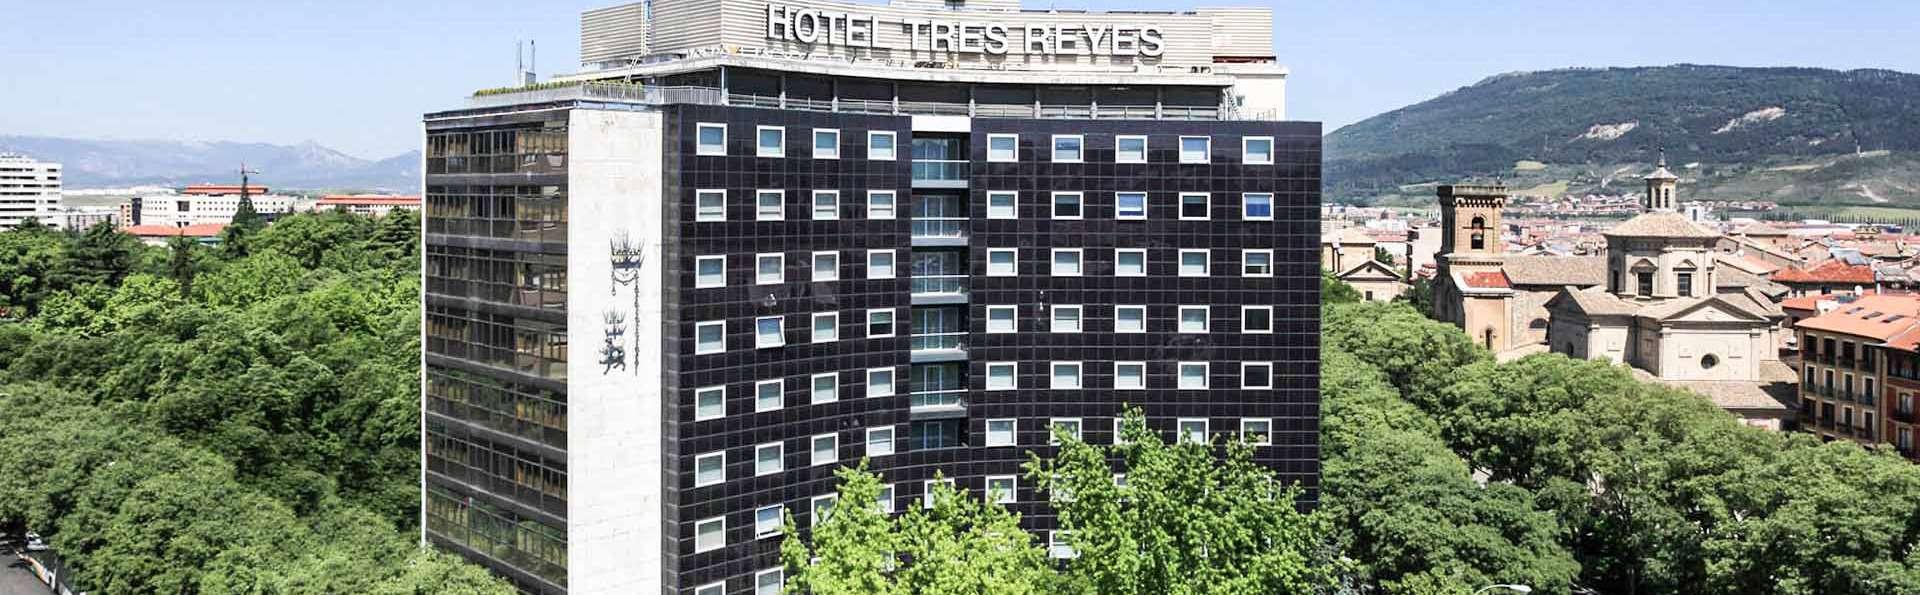 Hotel Tres Reyes  - EDIT_Hotel_Tres_Reyes_02.jpg